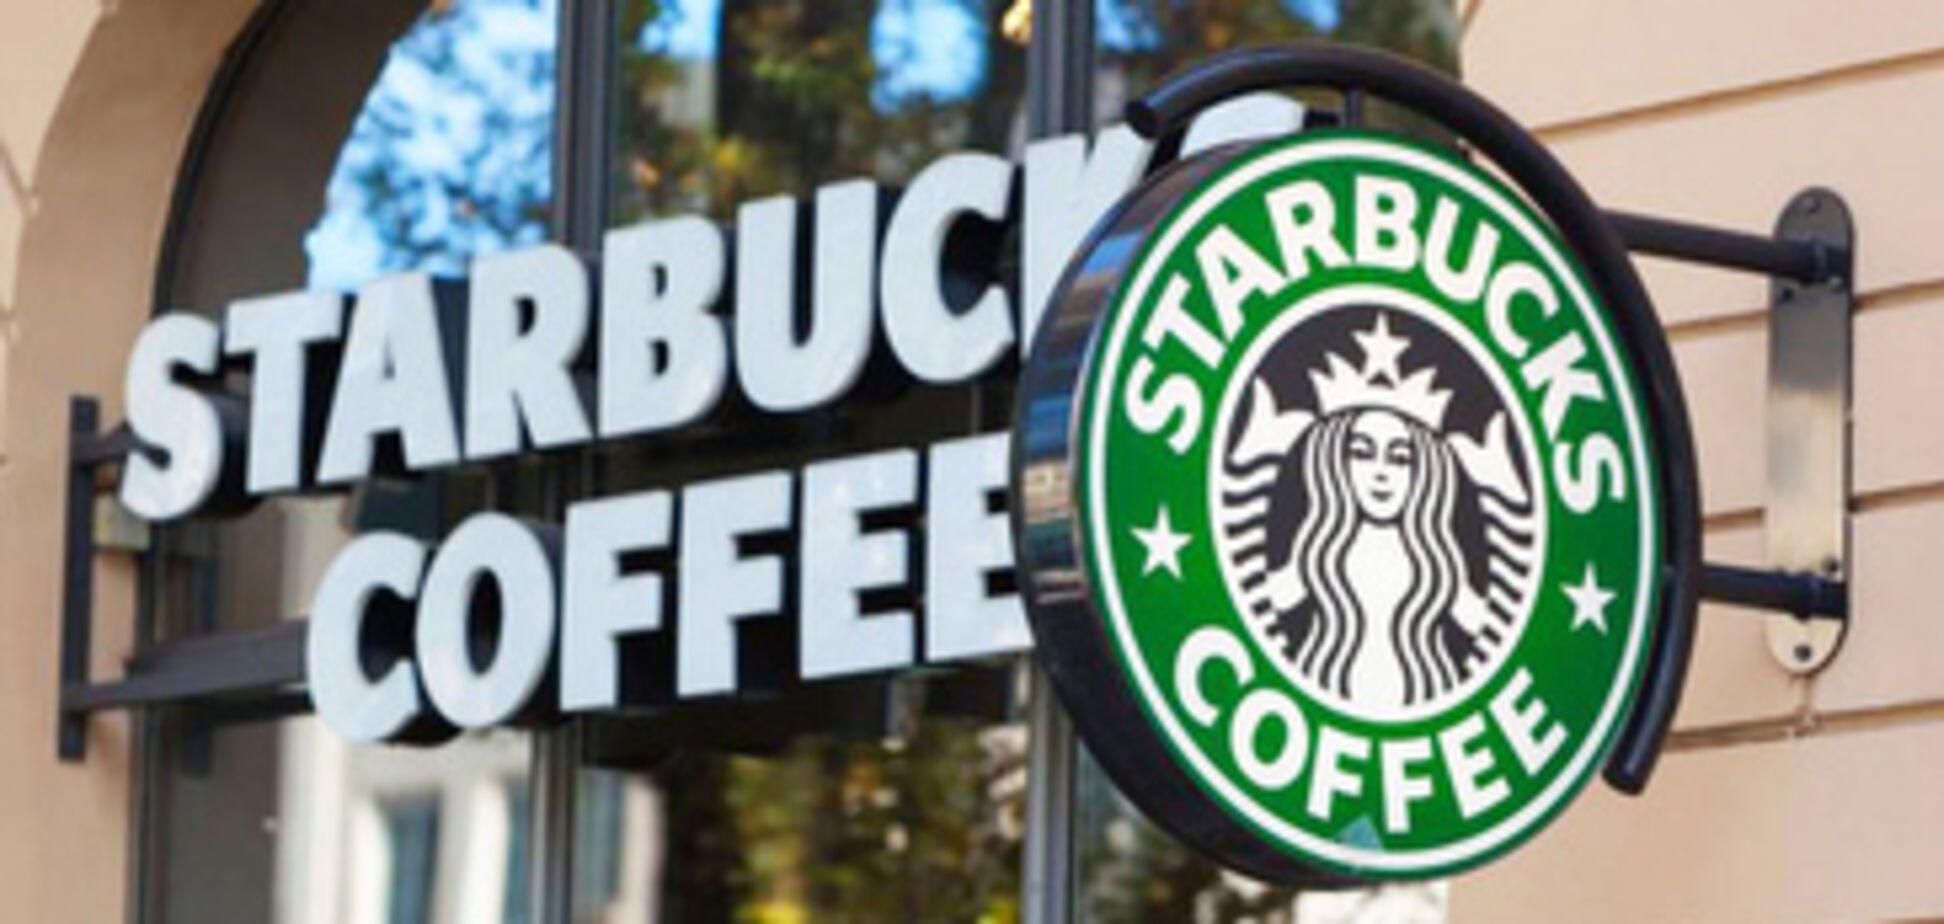 Starbucks - запізно і зарано для України?